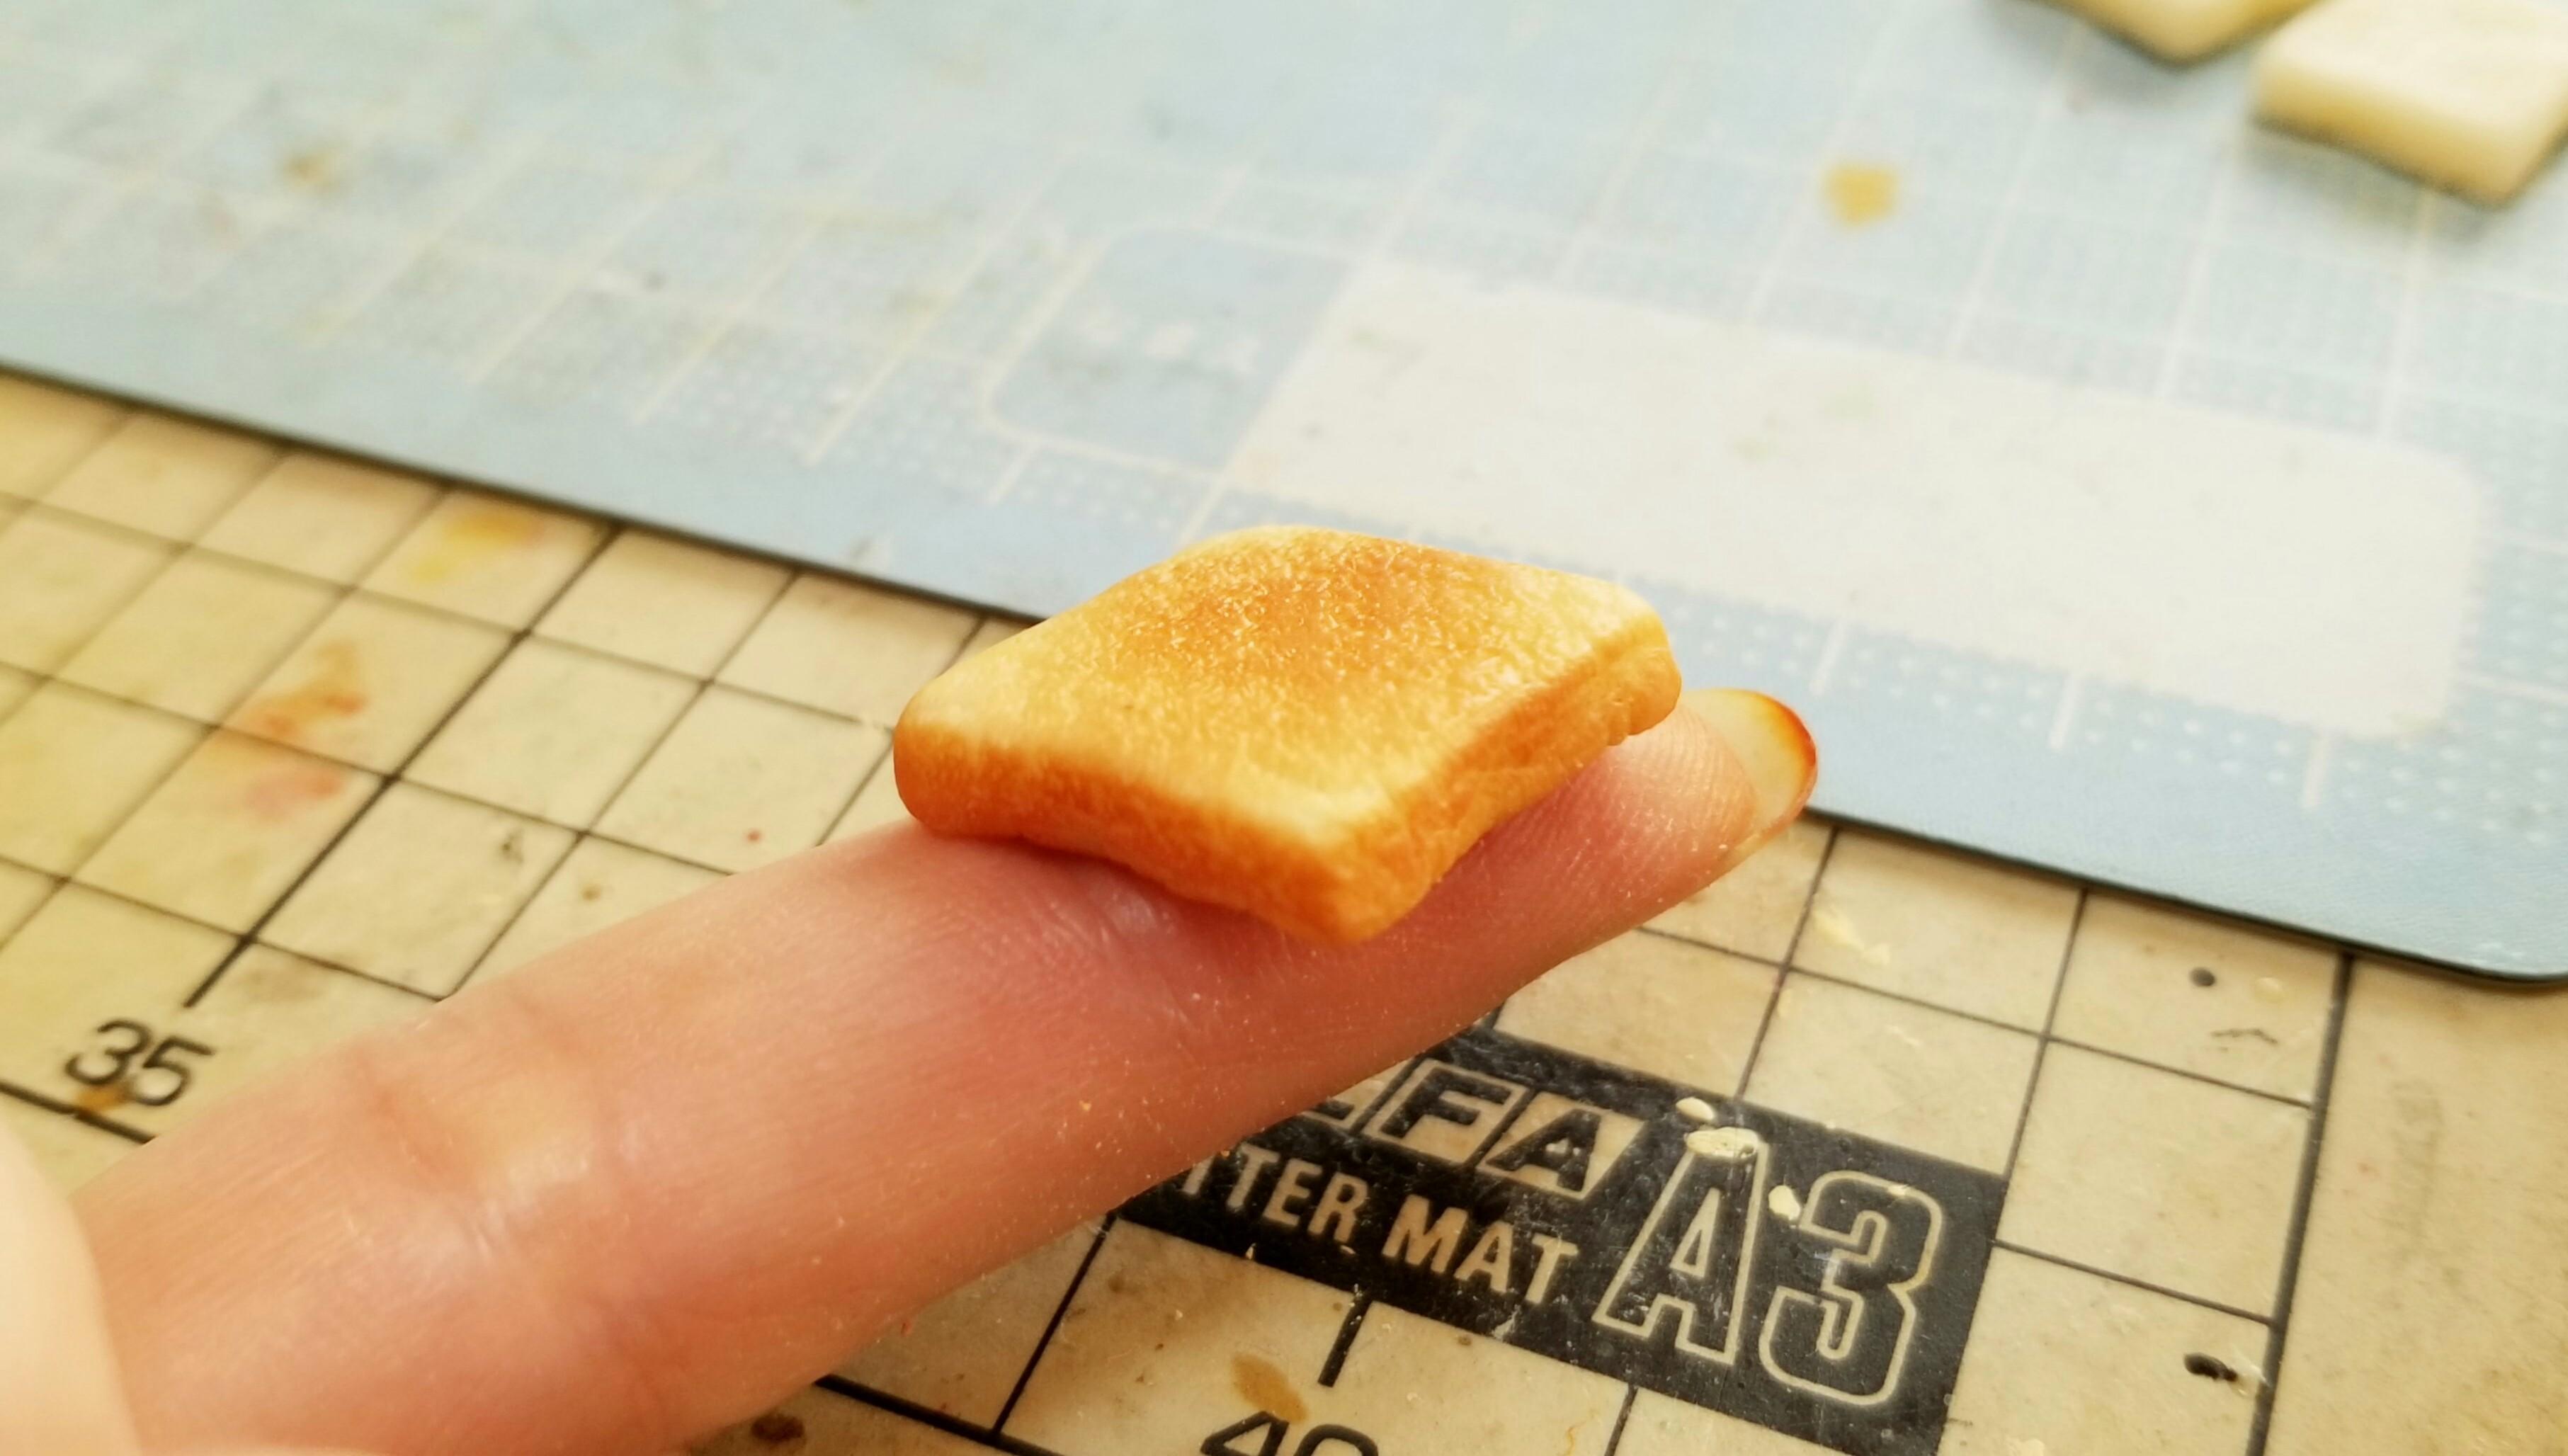 ミニチュアの作り方食パントースト美味しいそうな画像かわいいリアル